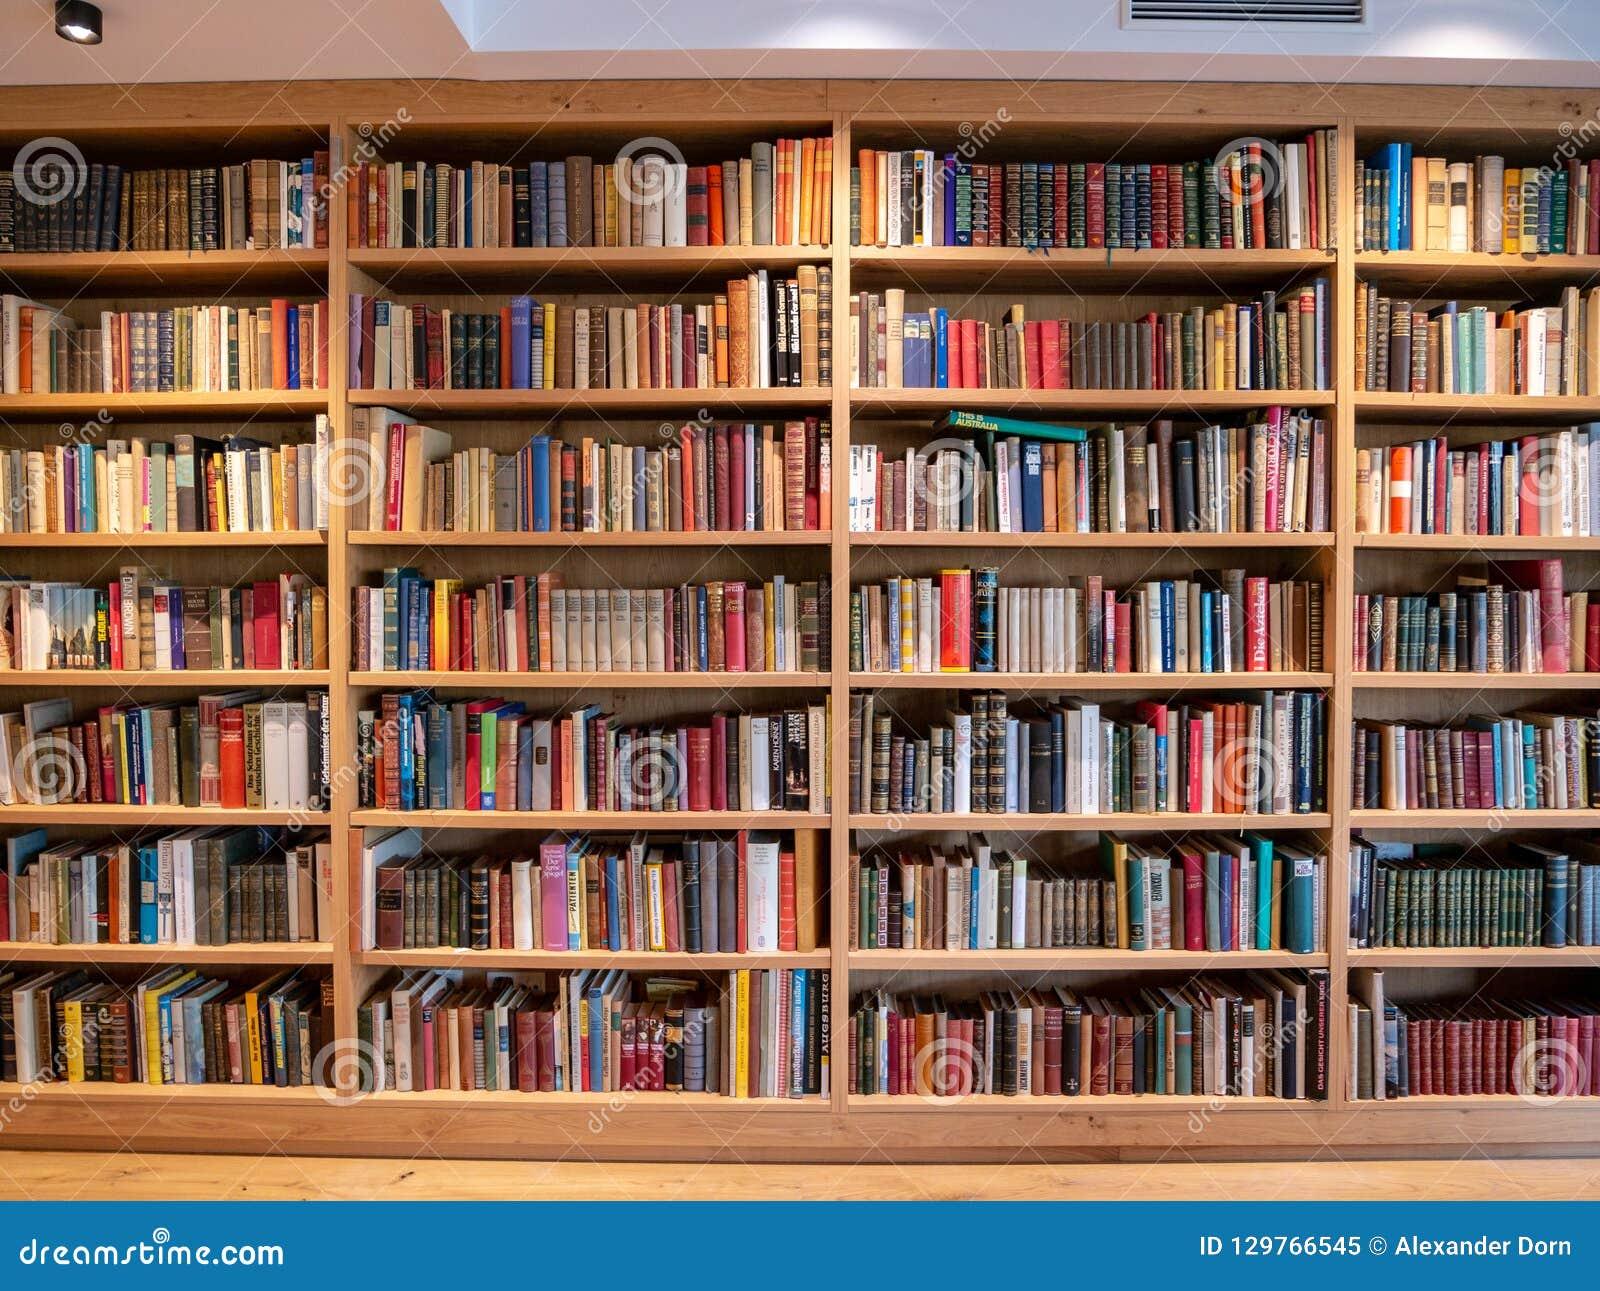 Boekenplank Met Boeken.Beeld Van Houten Boekenplank Met Boeken Stock Afbeelding